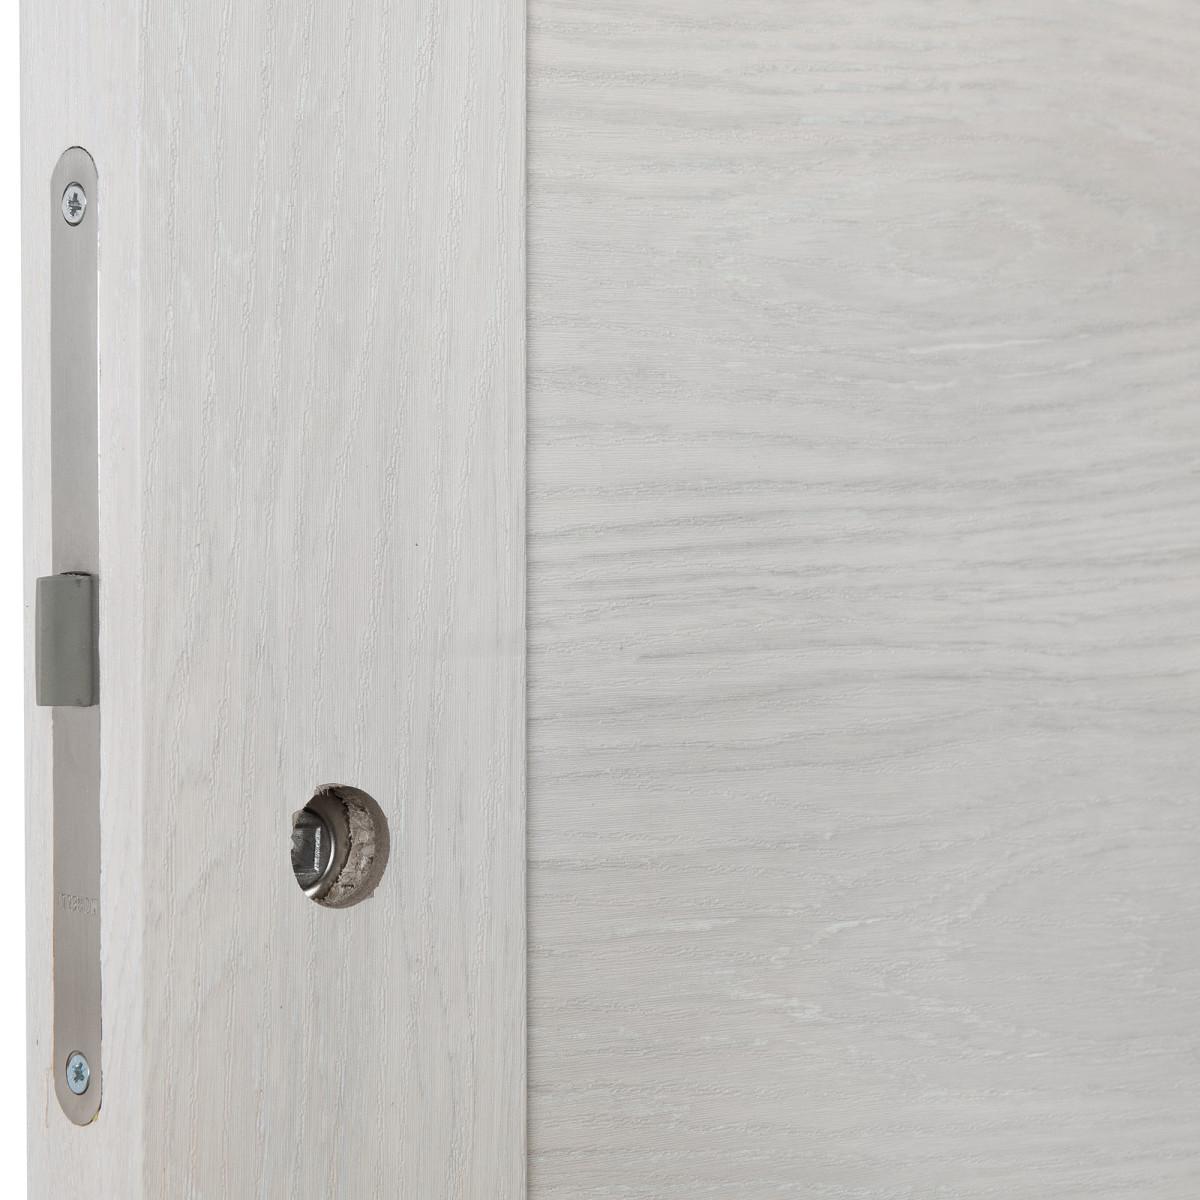 Дверь Межкомнатная Глухая С Замком В Комплекте Квадро 90x200 Пвх Цвет Шале Капучино